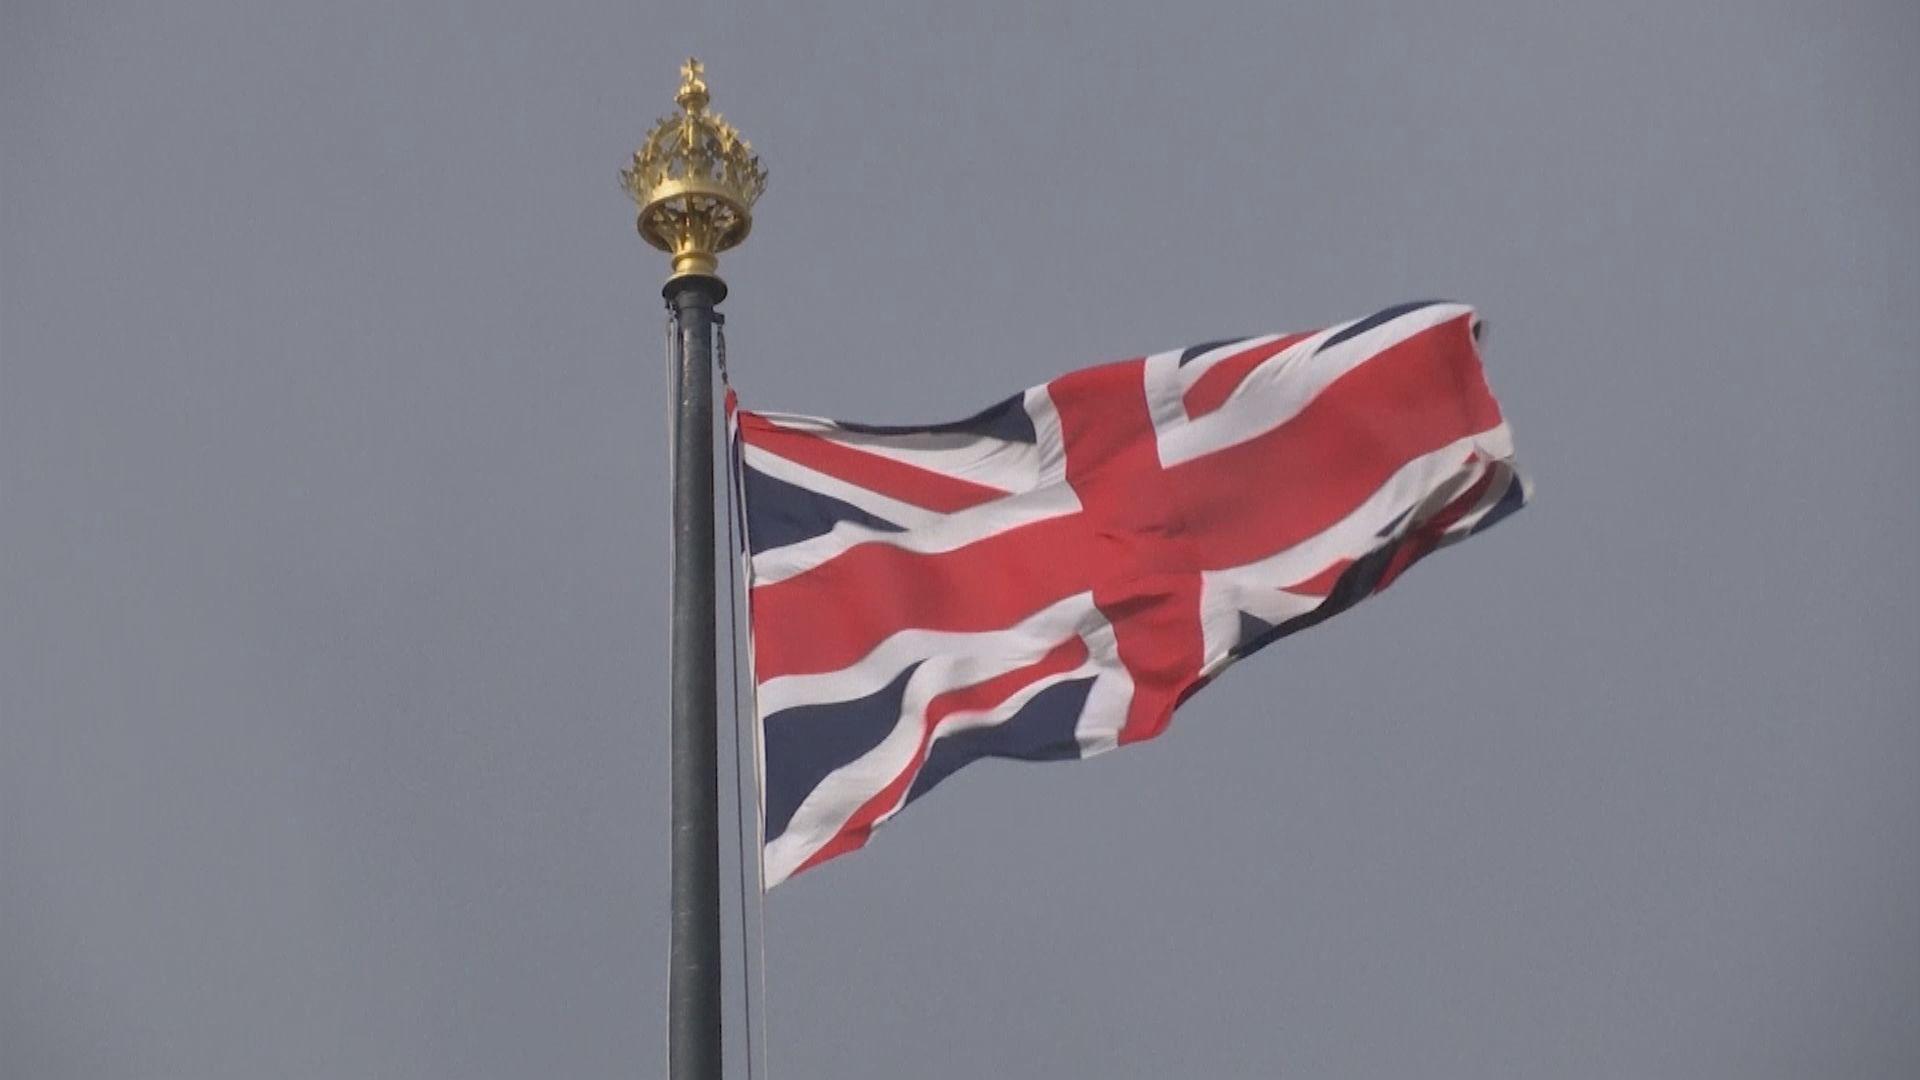 消息指英國前大臣洩露文件圖影響脫歐談判